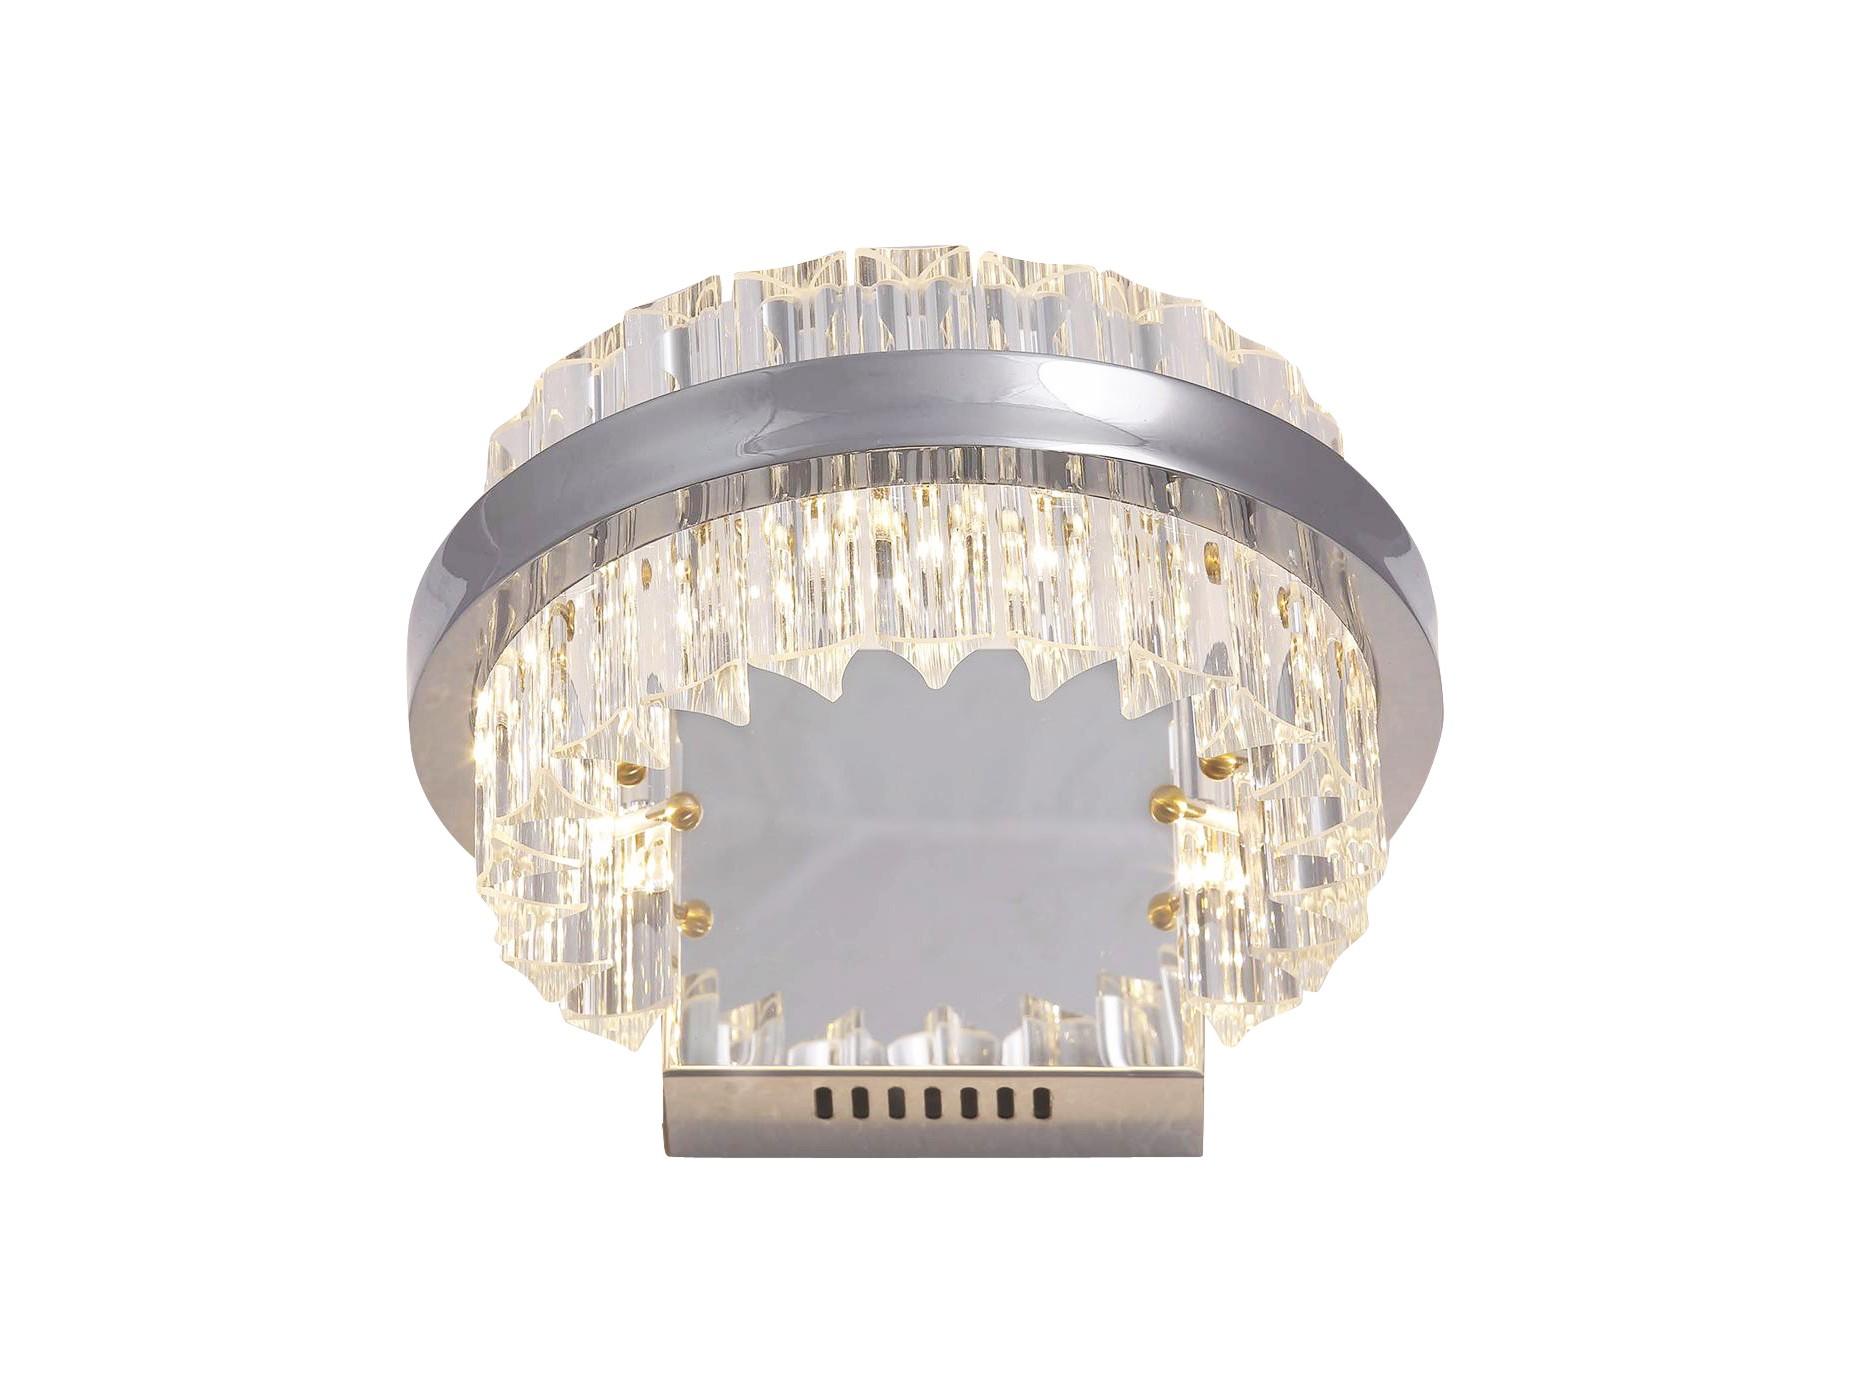 Настенный светильникБра<br>Настенный светильник из коллекции Halo с оригинальным дизайном. Плафон выполнен в виде кольца из хромированного металла с декоративными пластинами из прозрачного стекла.&amp;amp;nbsp;&amp;lt;div&amp;gt;&amp;lt;br&amp;gt;&amp;lt;/div&amp;gt;&amp;lt;div&amp;gt;&amp;lt;div&amp;gt;Вид цоколя: LED&amp;lt;/div&amp;gt;&amp;lt;div&amp;gt;Мощность: 12W&amp;lt;/div&amp;gt;&amp;lt;div&amp;gt;Количество ламп: 1 (в комплекте)&amp;amp;nbsp;&amp;lt;/div&amp;gt;&amp;lt;/div&amp;gt;<br><br>Material: Стекло<br>Ширина см: 25.0<br>Высота см: 10.0<br>Глубина см: 24.0